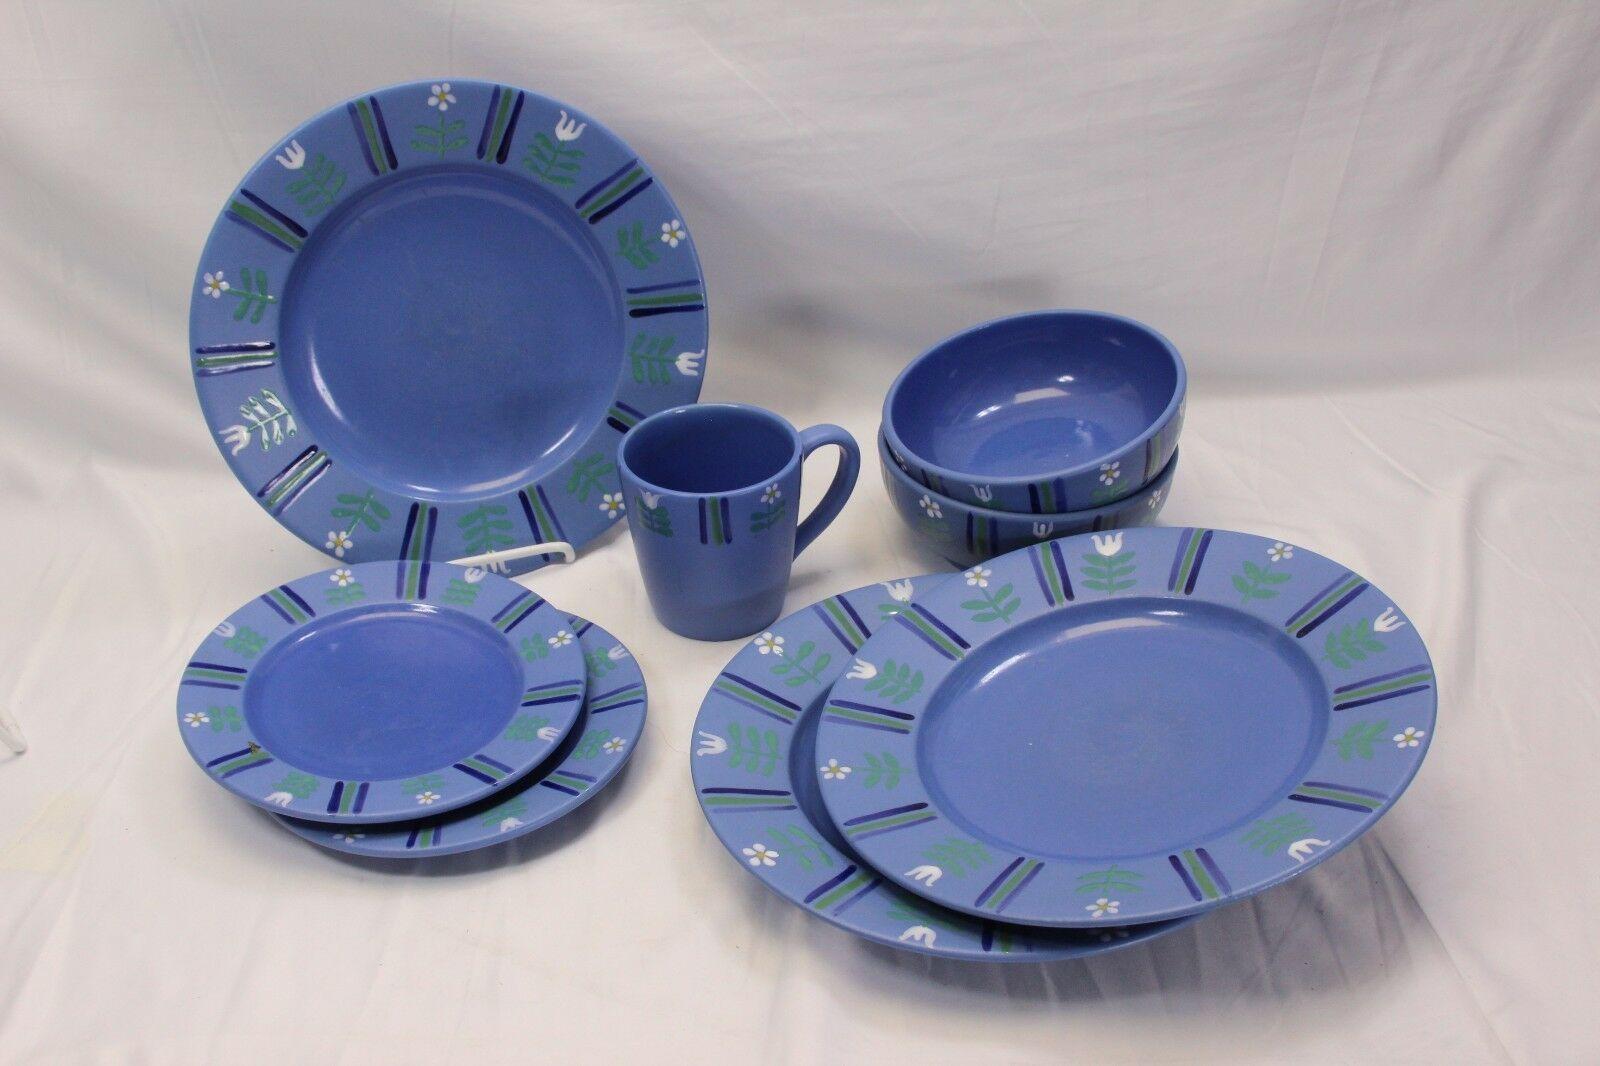 Studio Nova Flora Blue Lot of 8 - $50.95